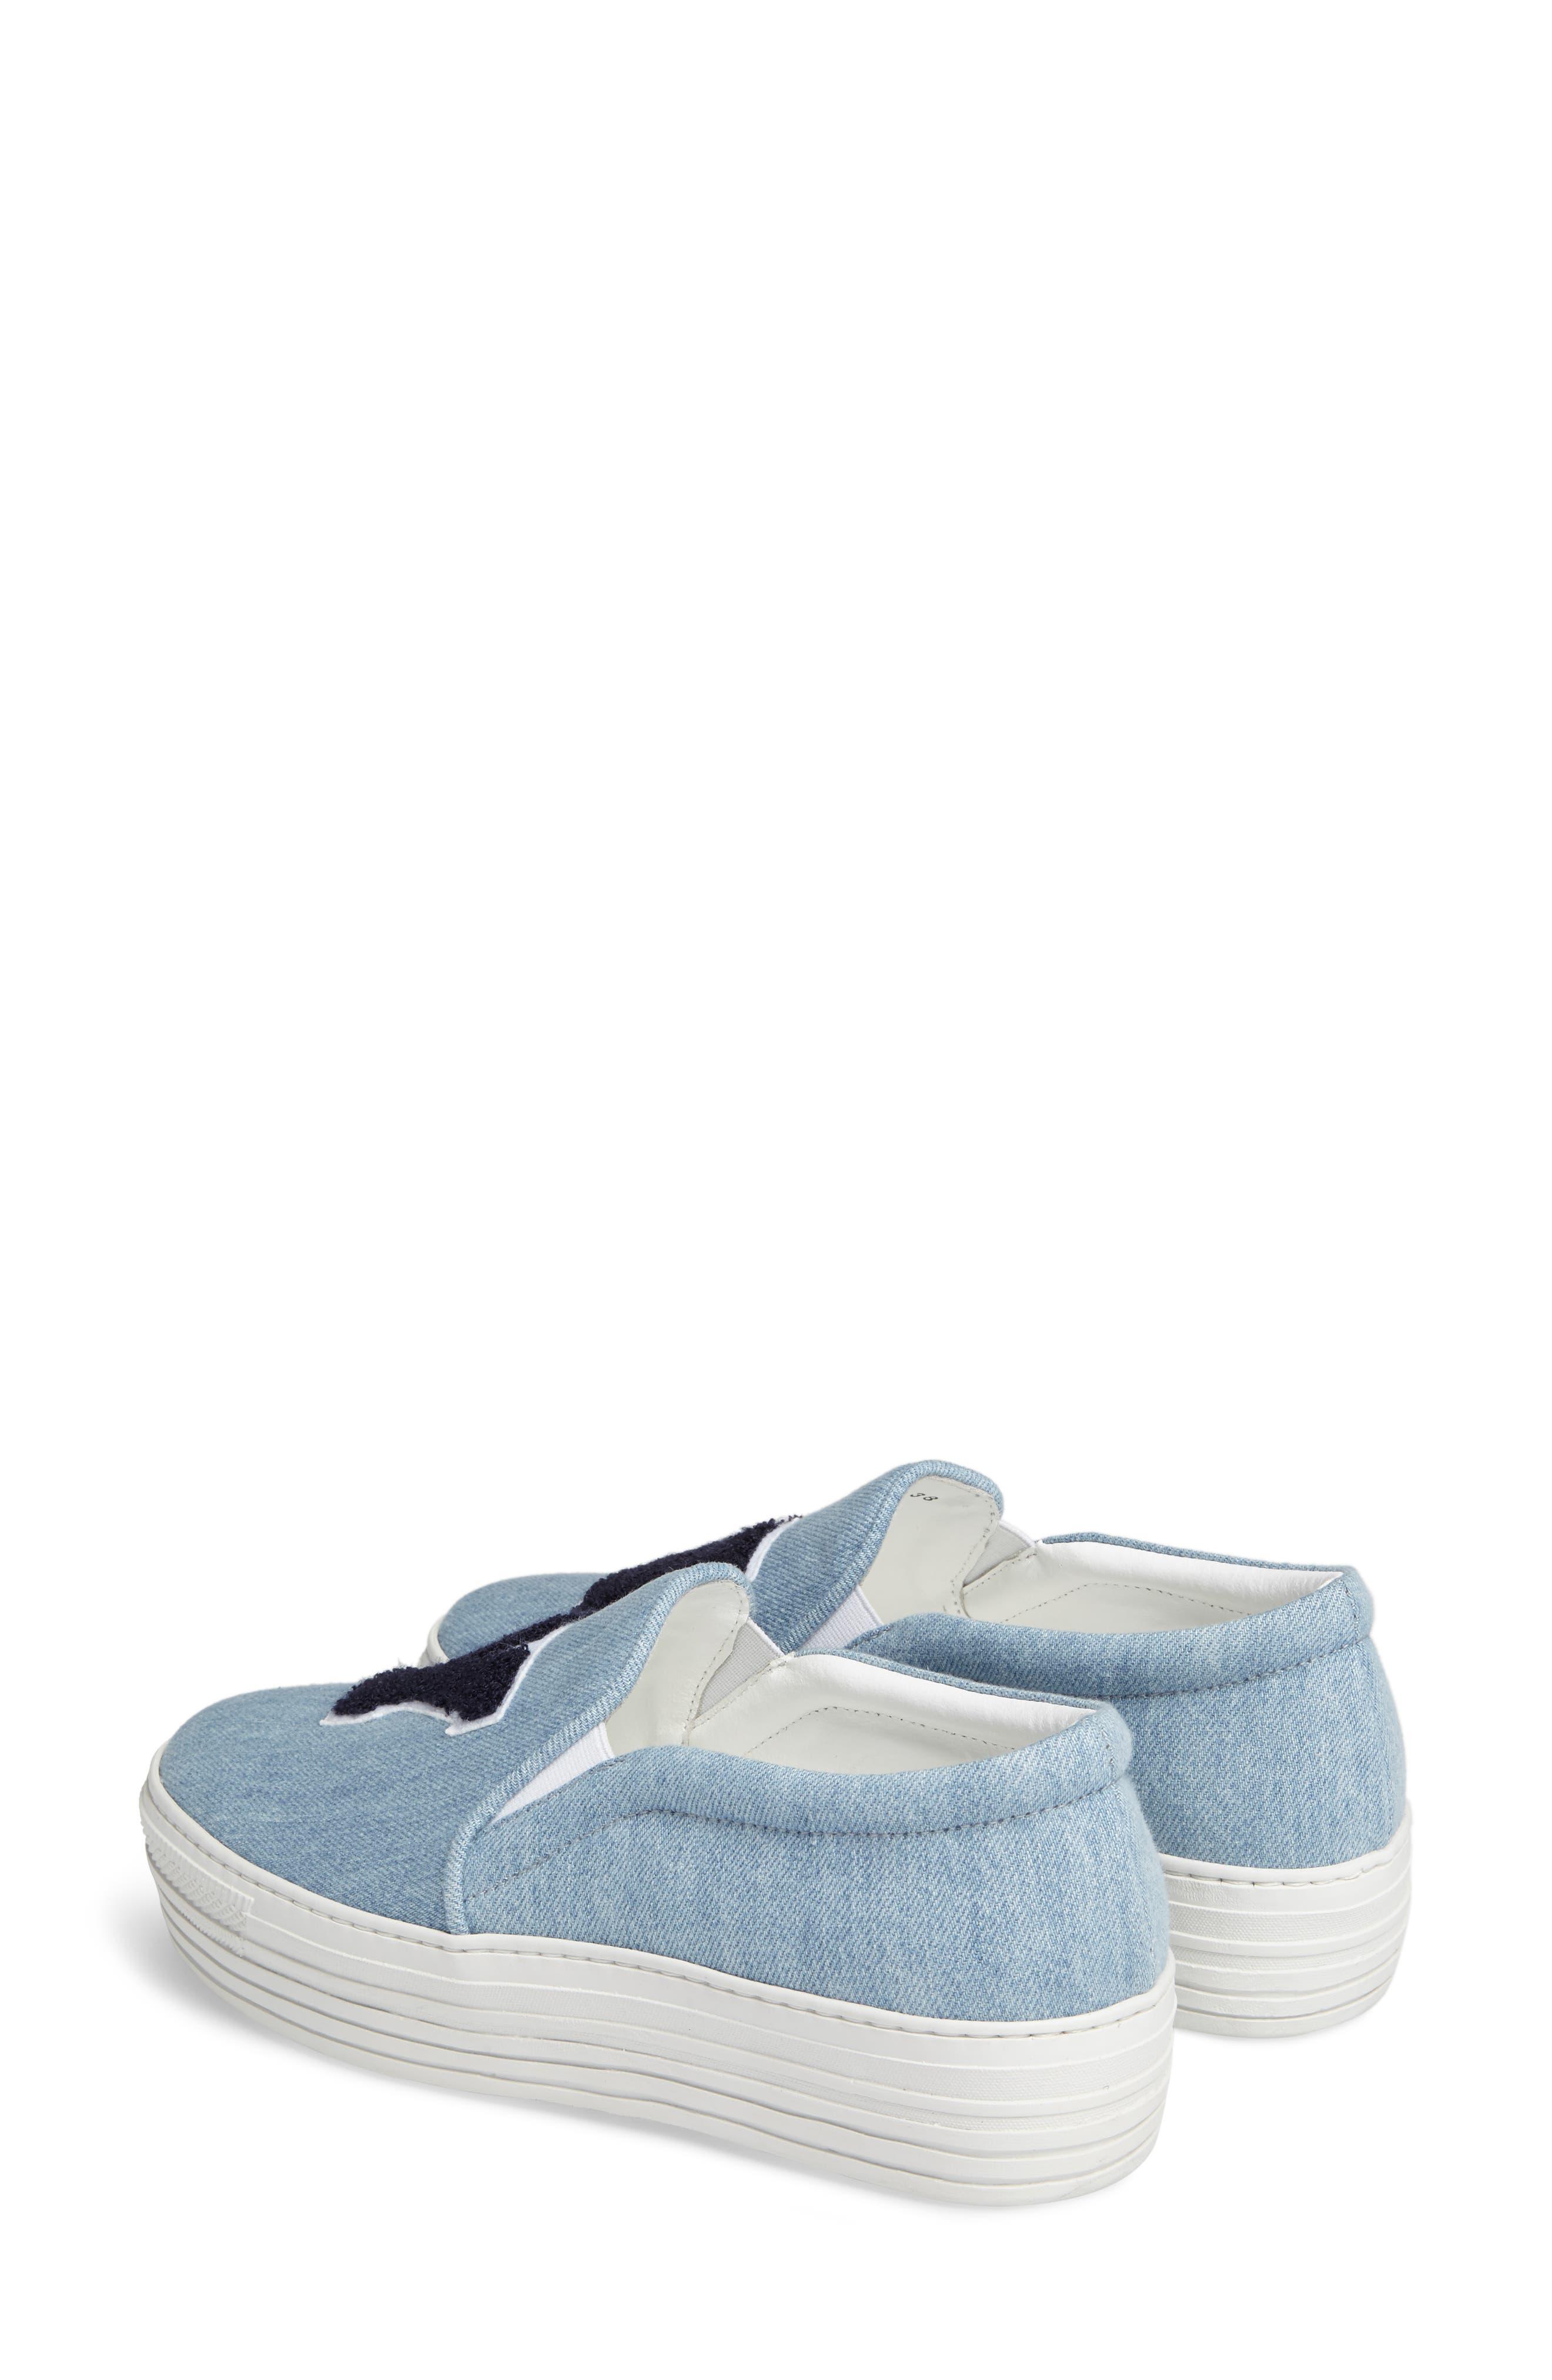 Slip-On Sneaker,                             Alternate thumbnail 3, color,                             Light Denim